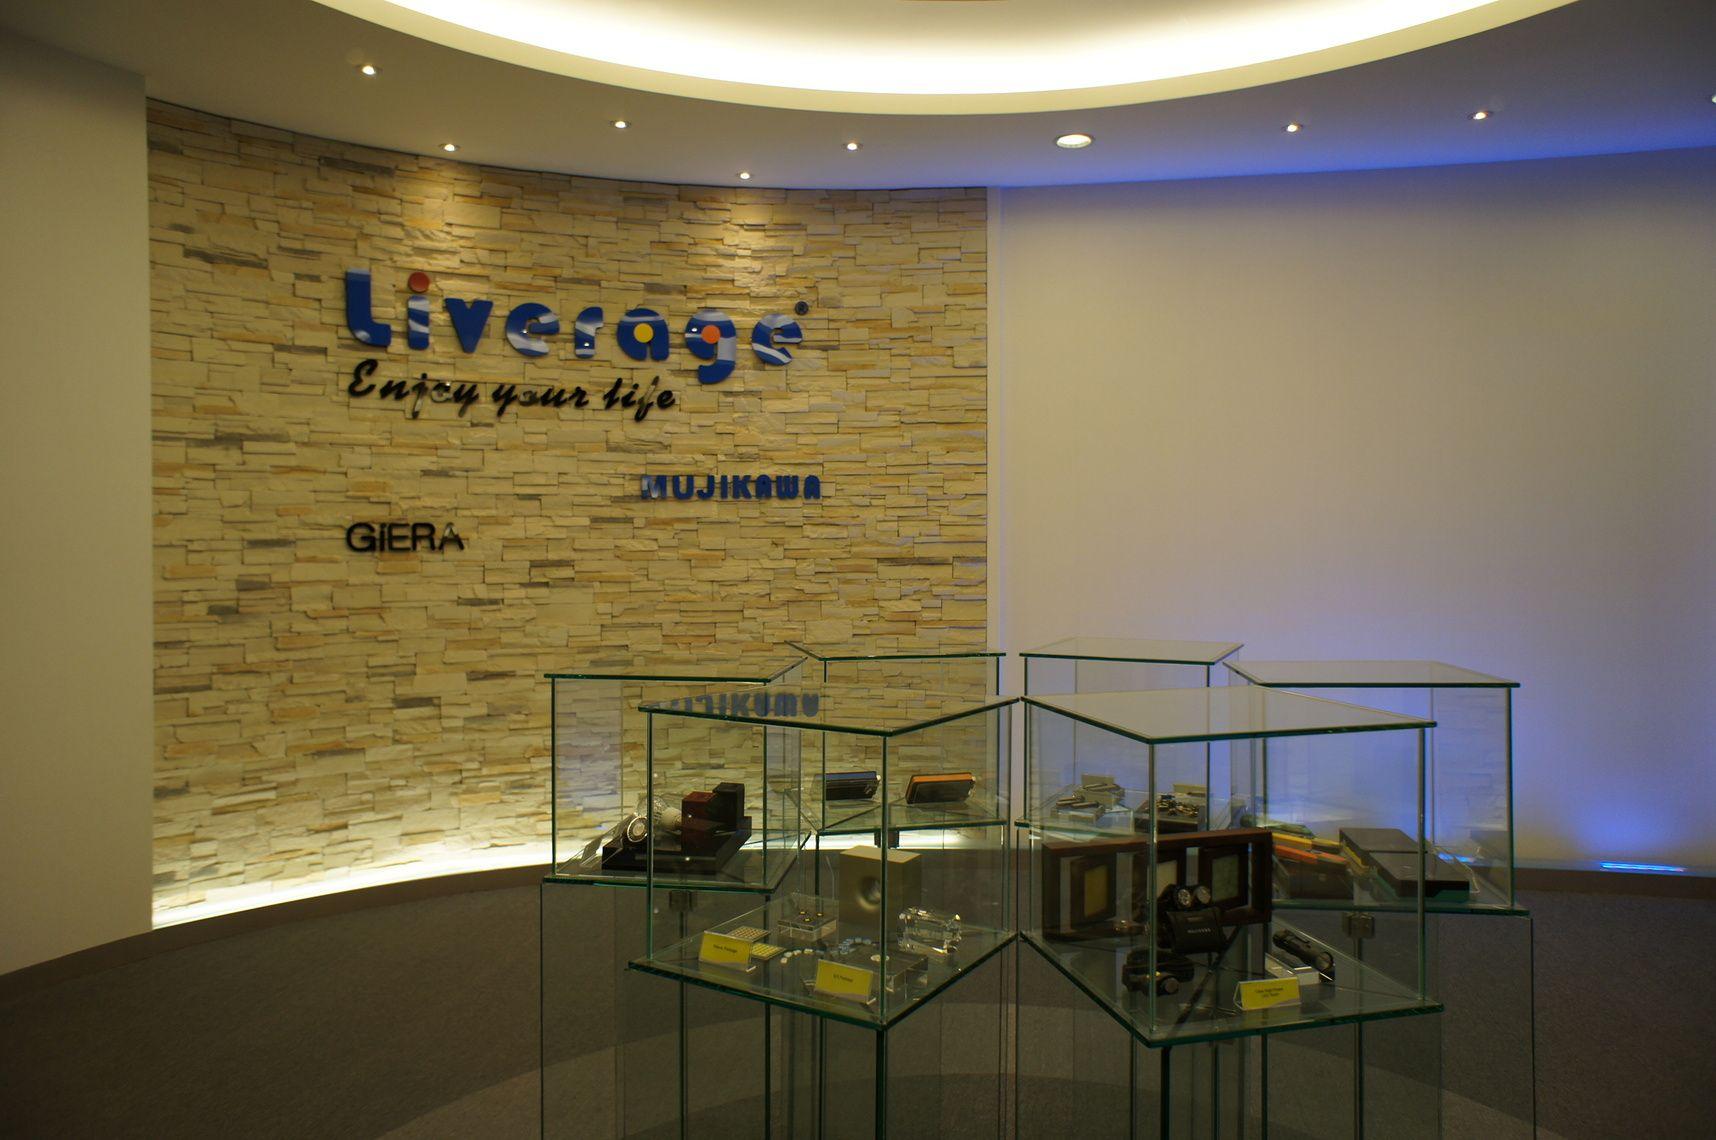 Liverage tem se dedicado na indústria de comunicação de fibra óptica por mais de 15 anos.